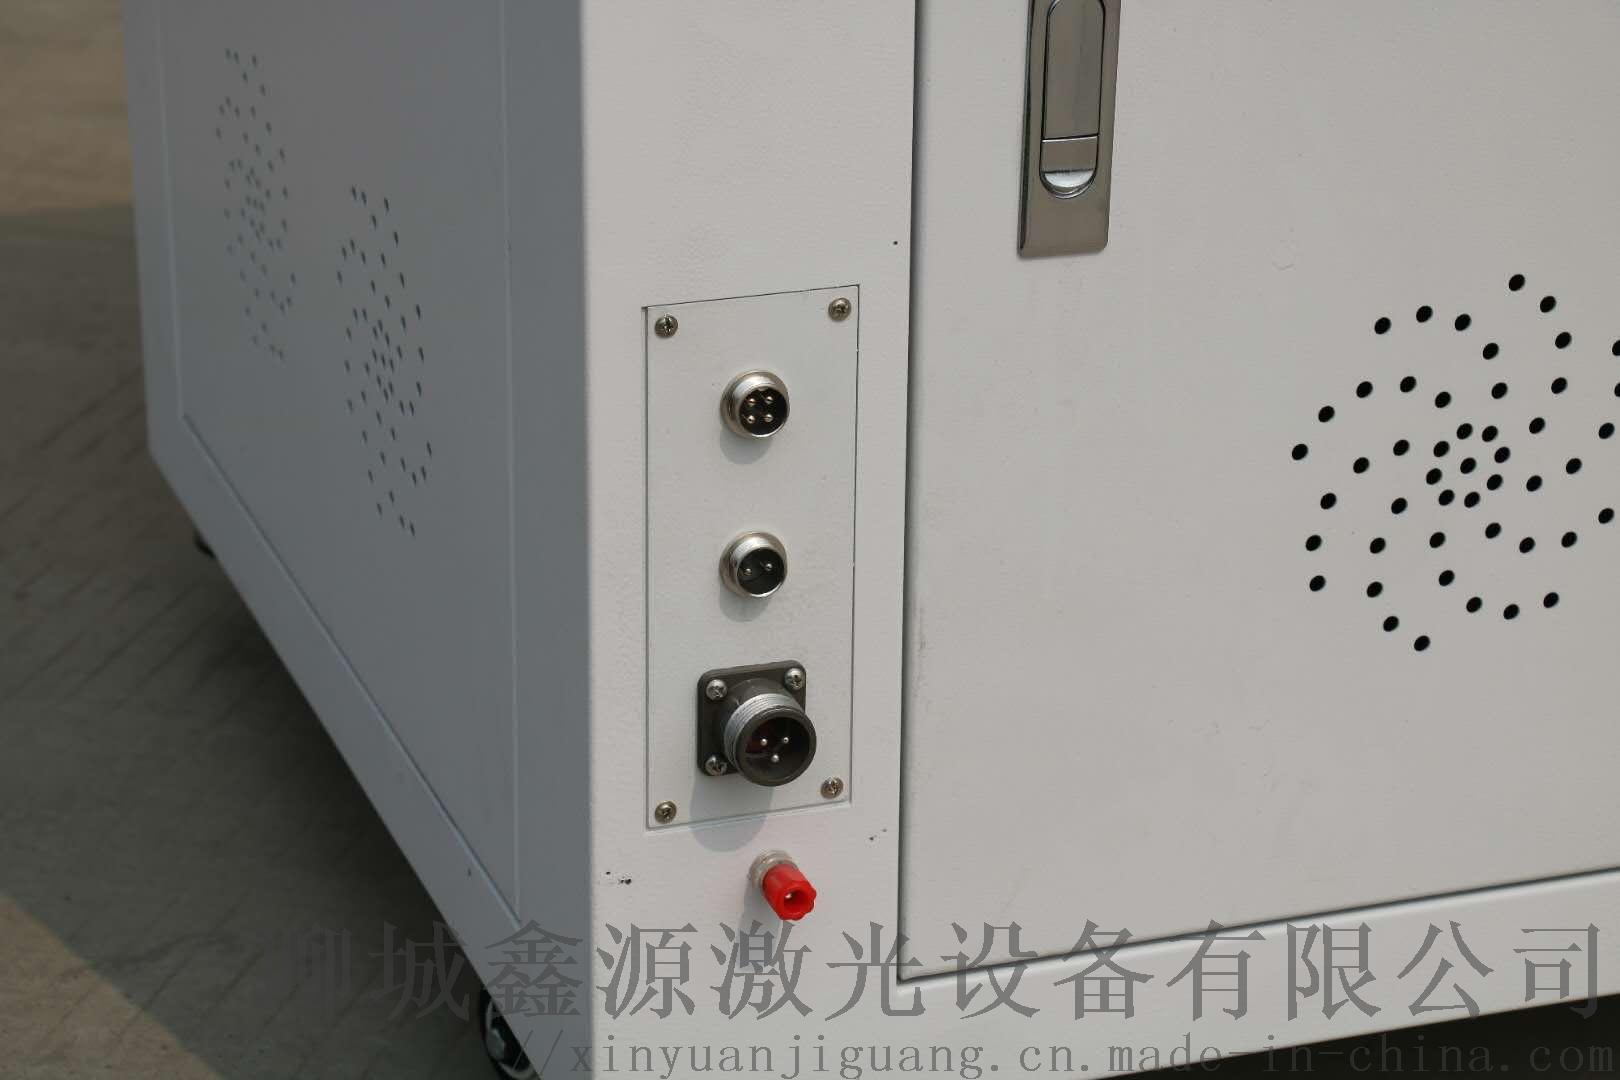 茶叶包装商标雕刻机小型光纤激光打标机92857632